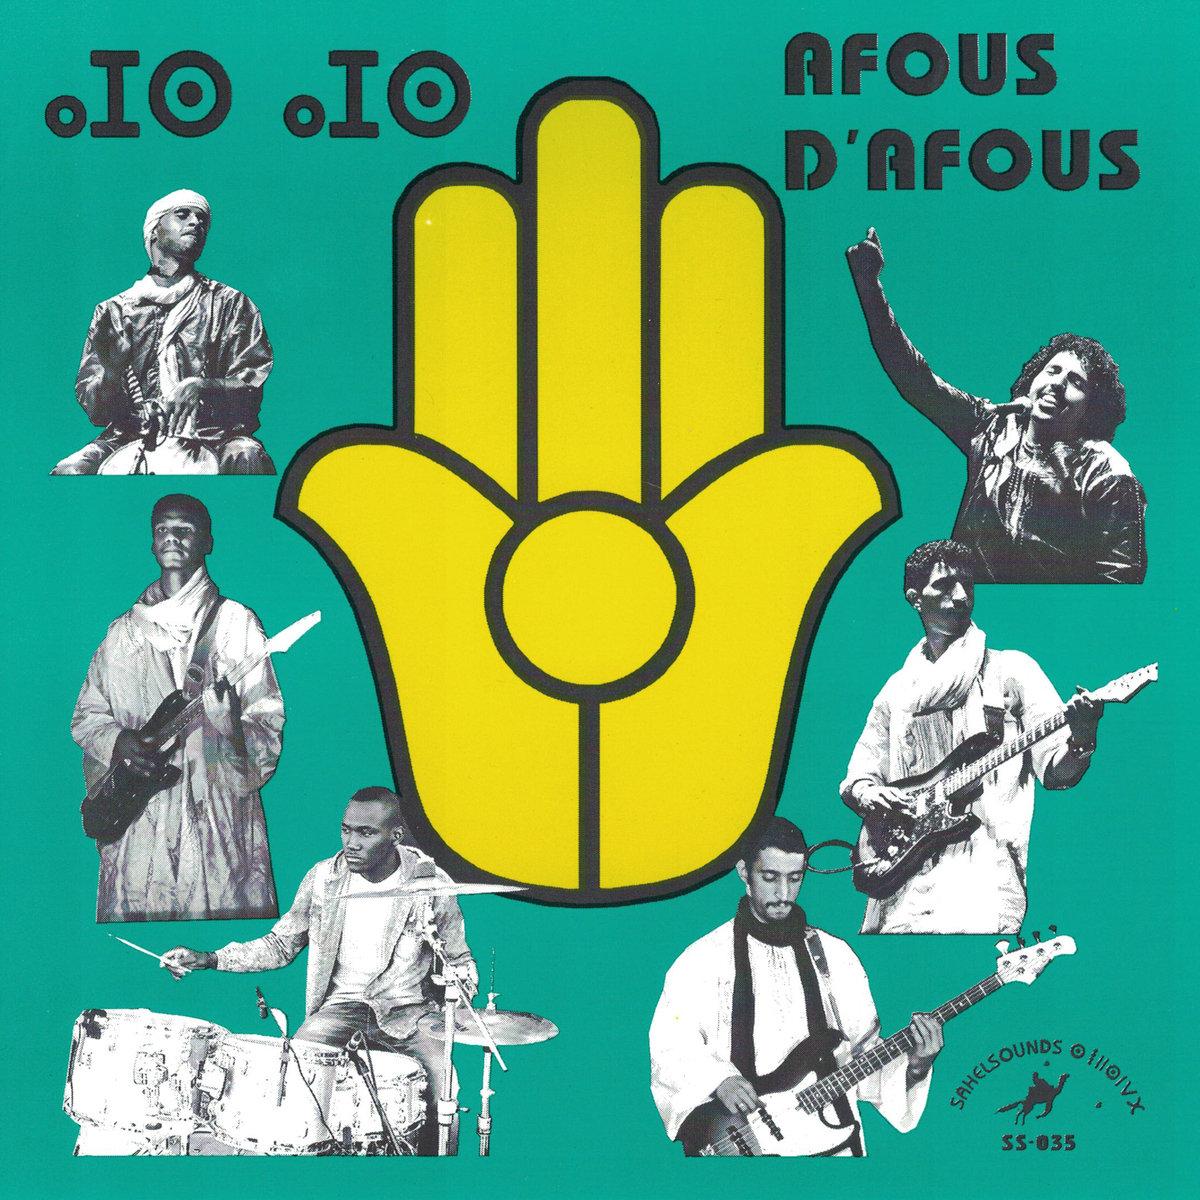 Afous D'Afous